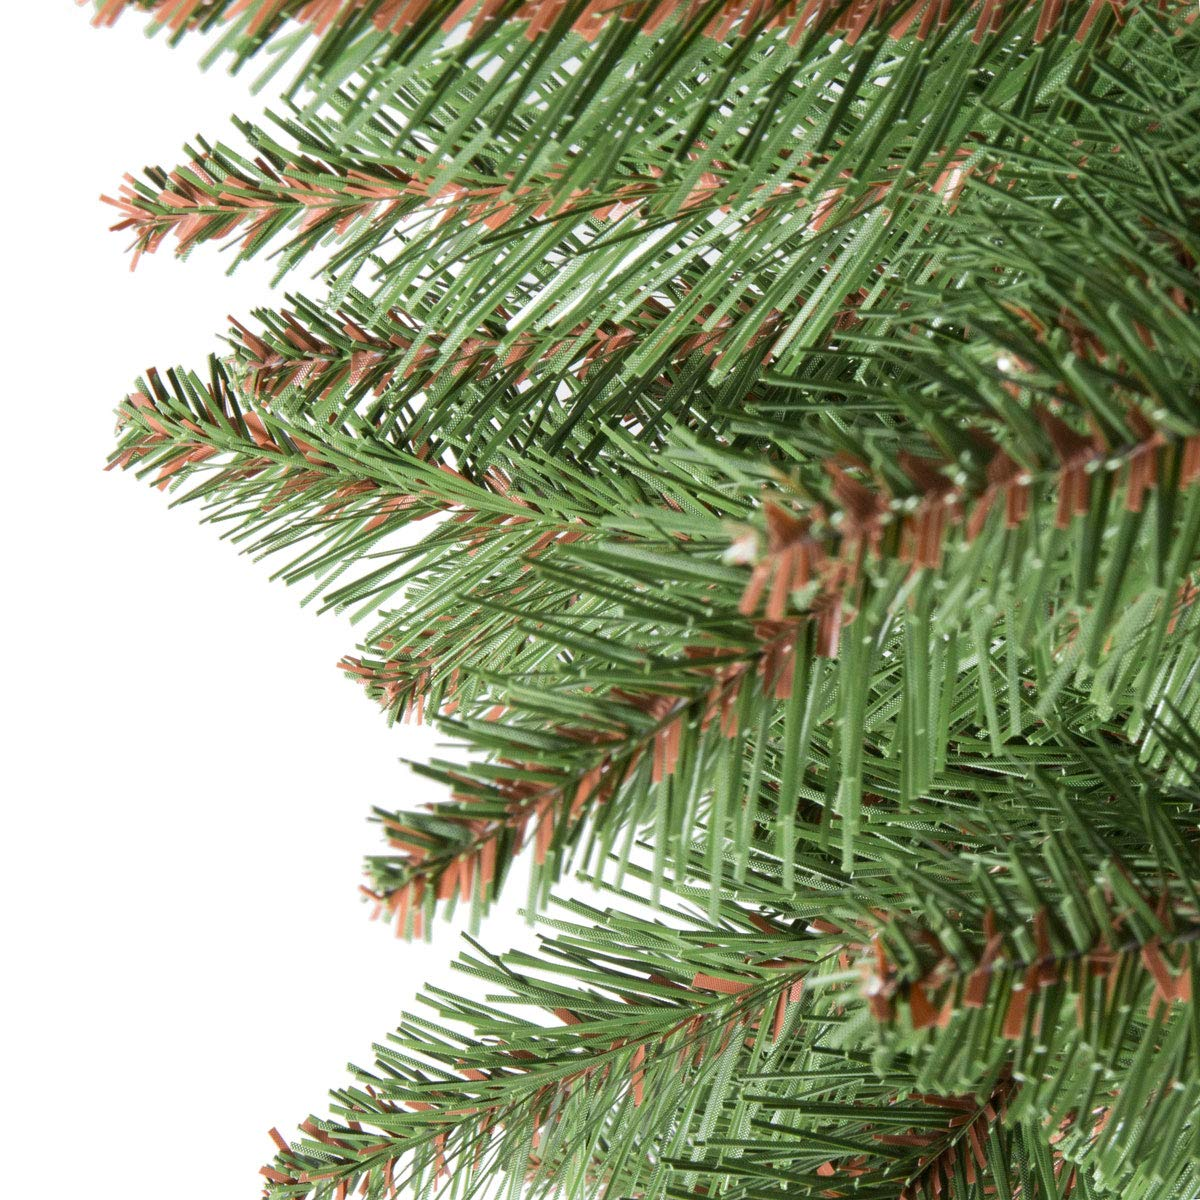 Weihnachtsbaum Künstlich Nordmanntanne.Fairytrees Künstlicher Weihnachtsbaum Nordmanntanne Grüner Stamm